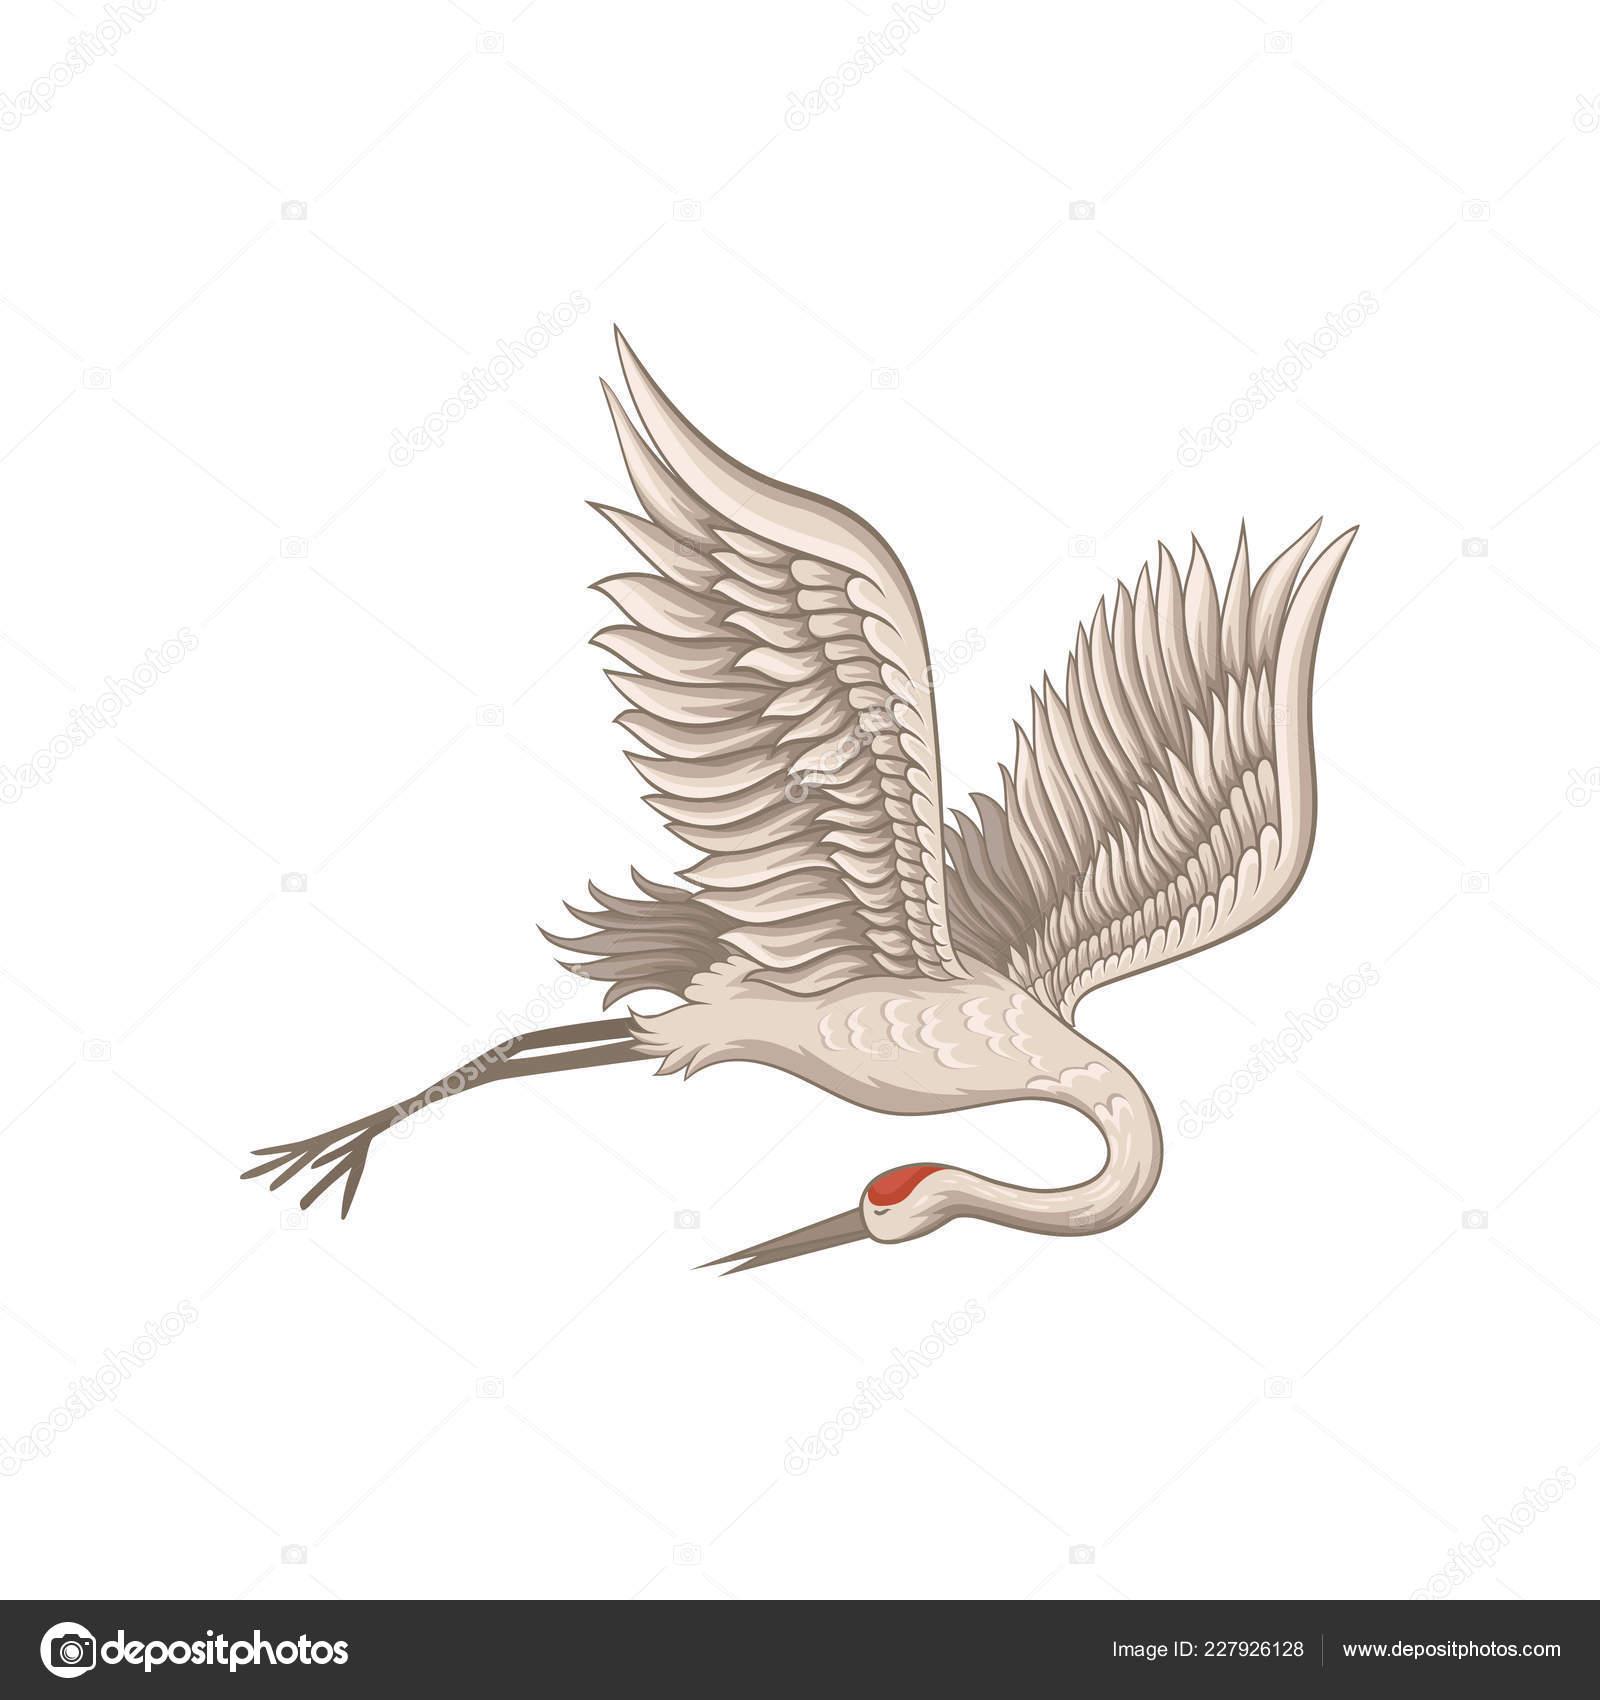 μεγάλο πουλί κάτω από το λαιμό καυτά μαύρος/η κορίτσι με τεράστιος κώλος